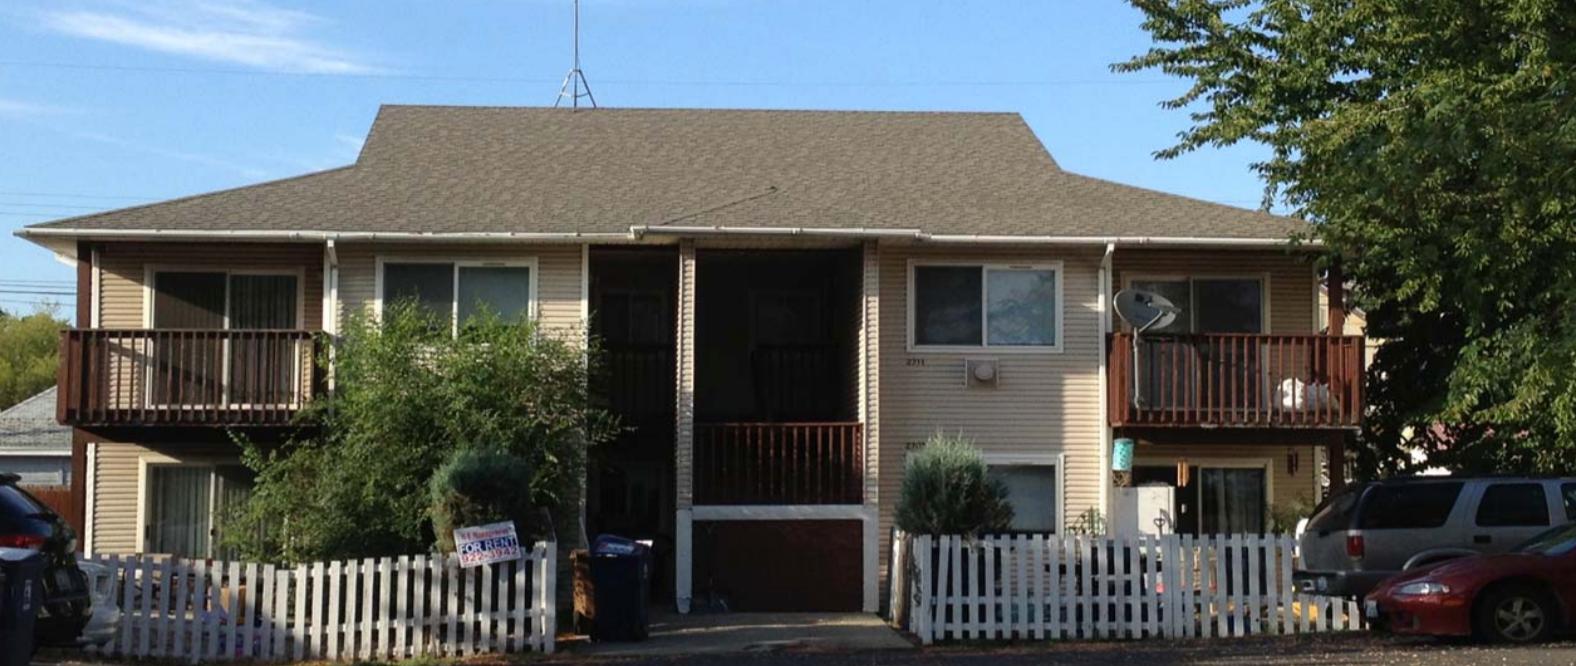 Fourplex in Hillyard  Sale: $255,000